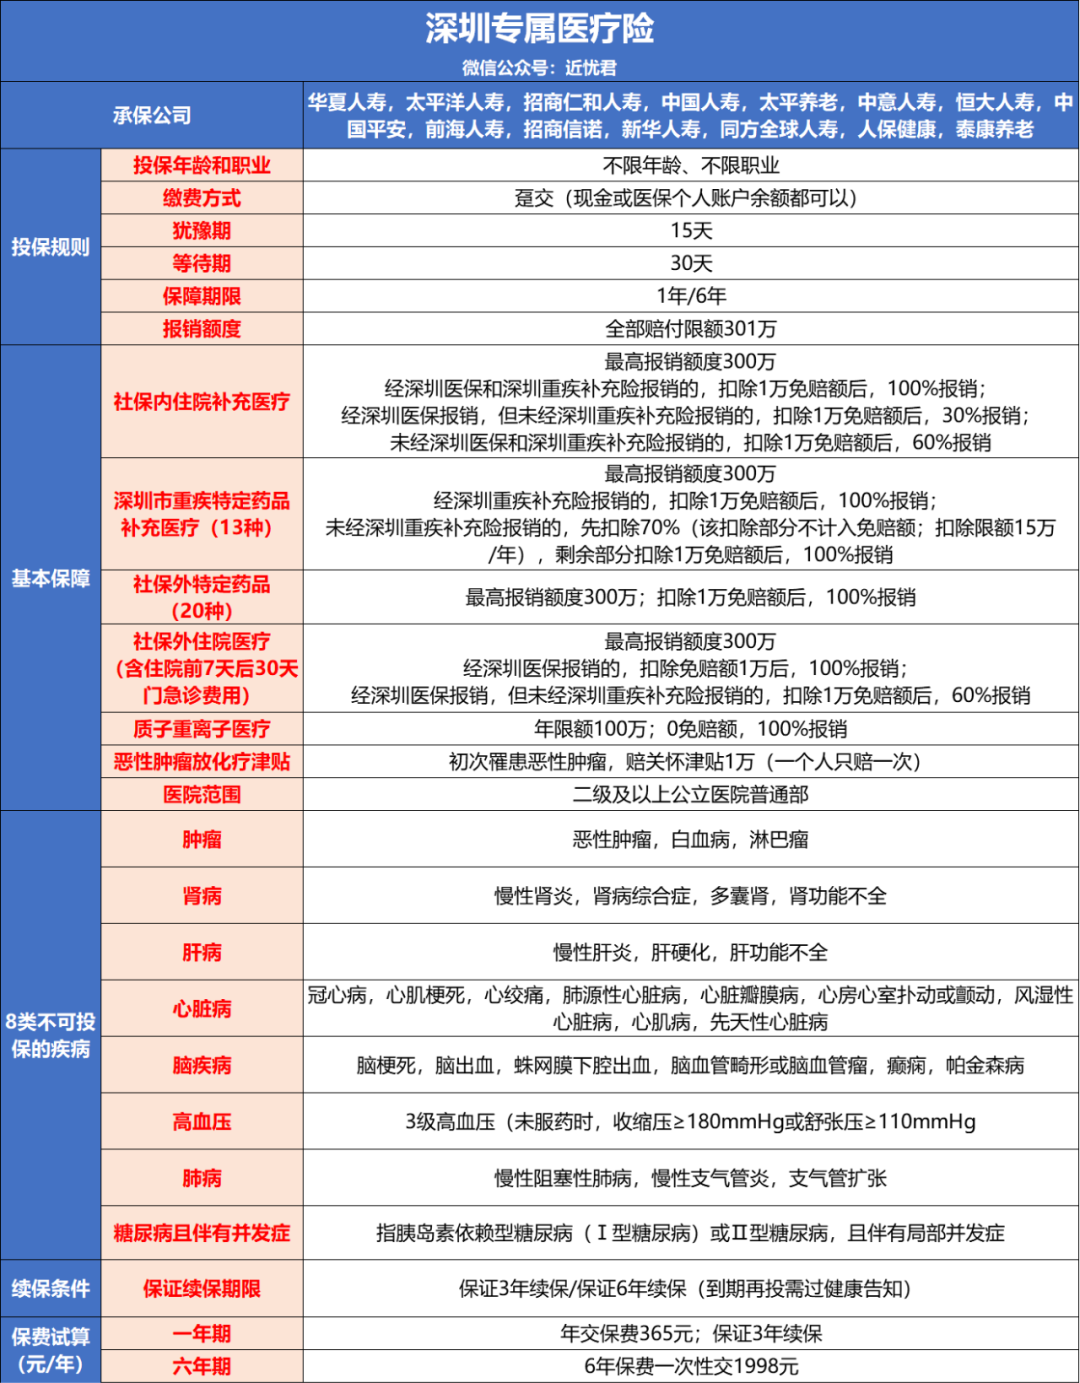 深圳专属团体医疗险,便宜也不能瞎买